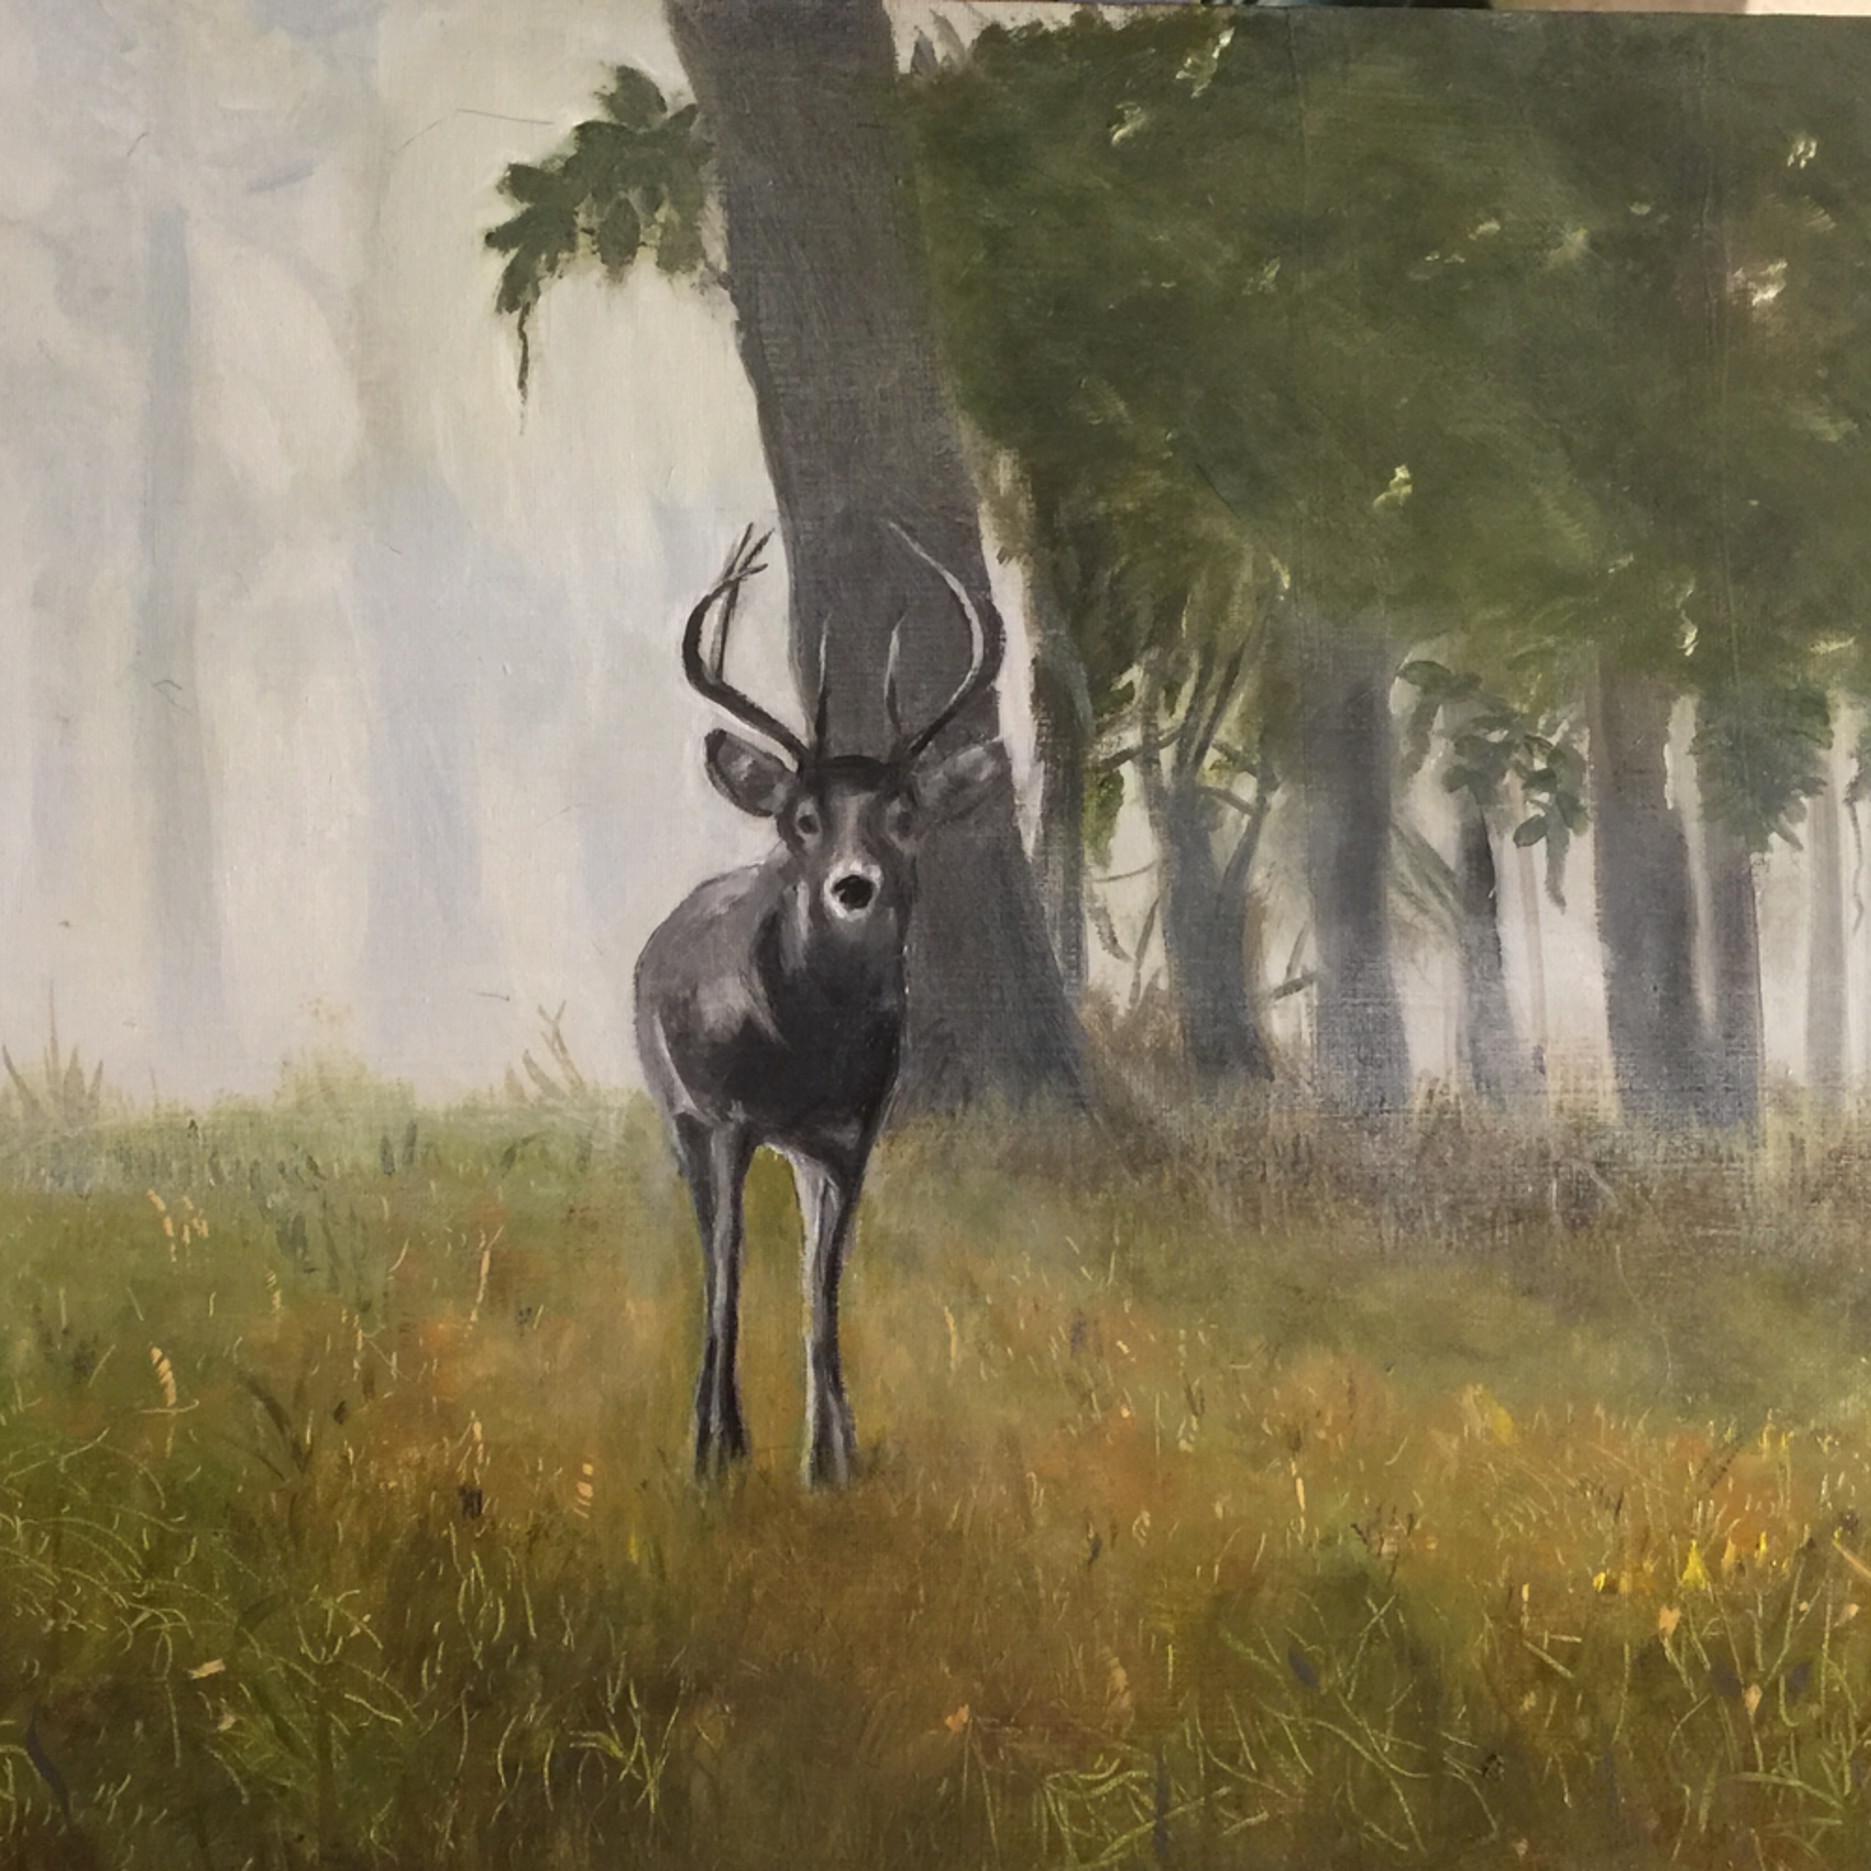 Deer morning v09dj4